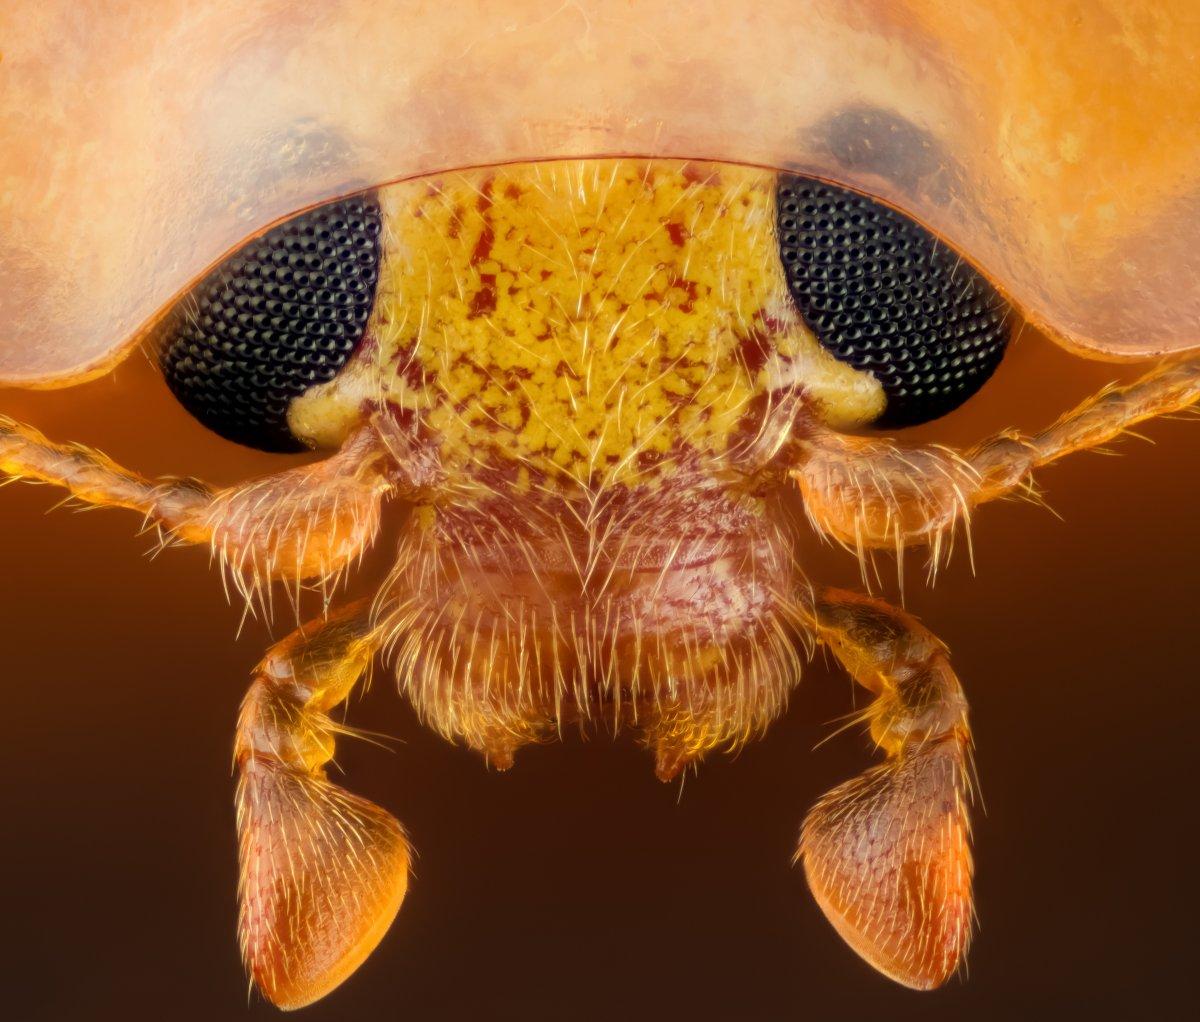 fotos microscopicas 20